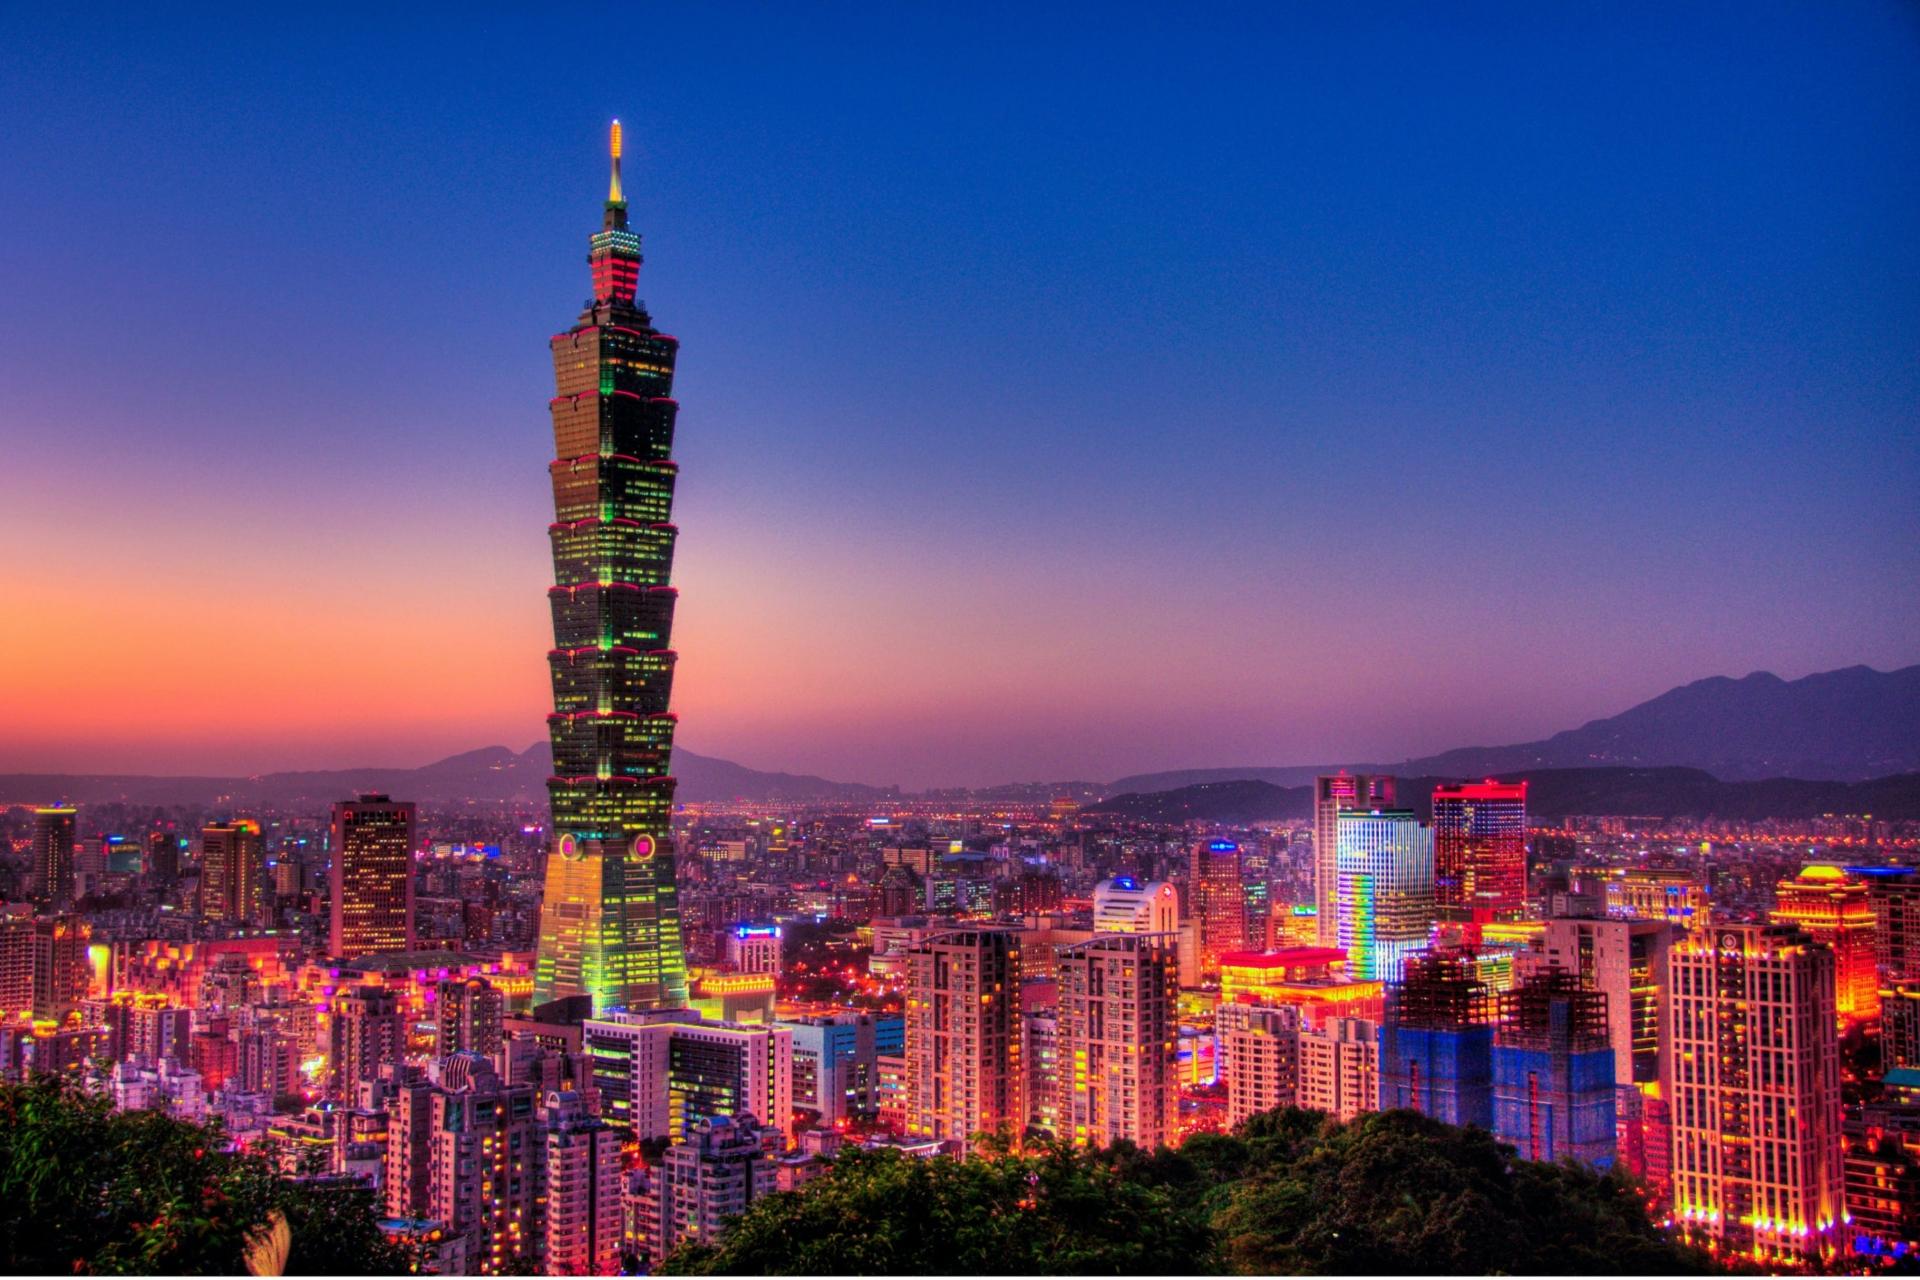 Tháp chọc trời cao nhất ở Đài Loan